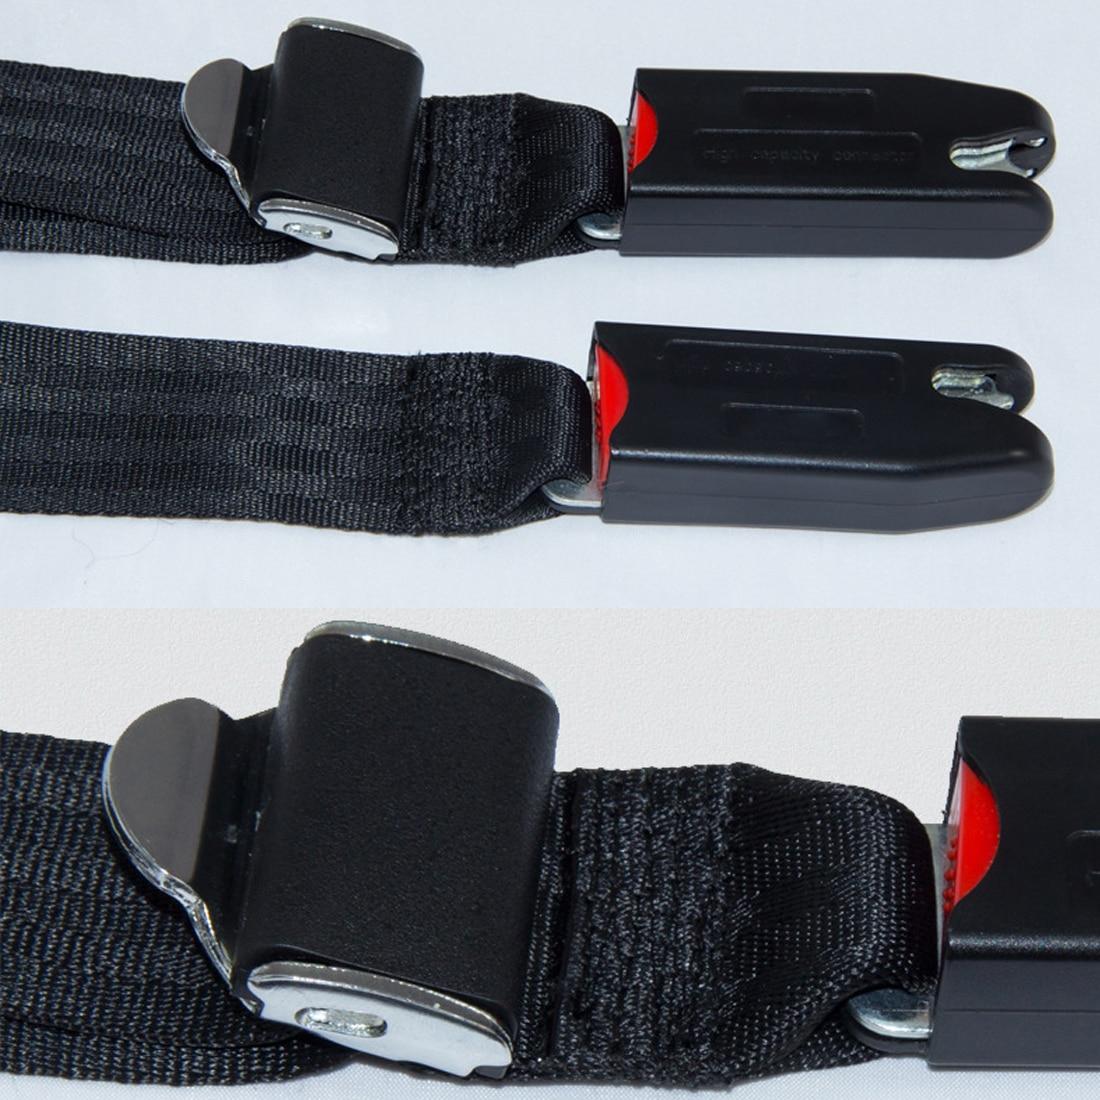 Dewtreetali Adjustable Car Baby Safe Seat Strap Isofix Soft Link Belt Anchor Holder Safety Cover Shoulder Harness Belt Clip